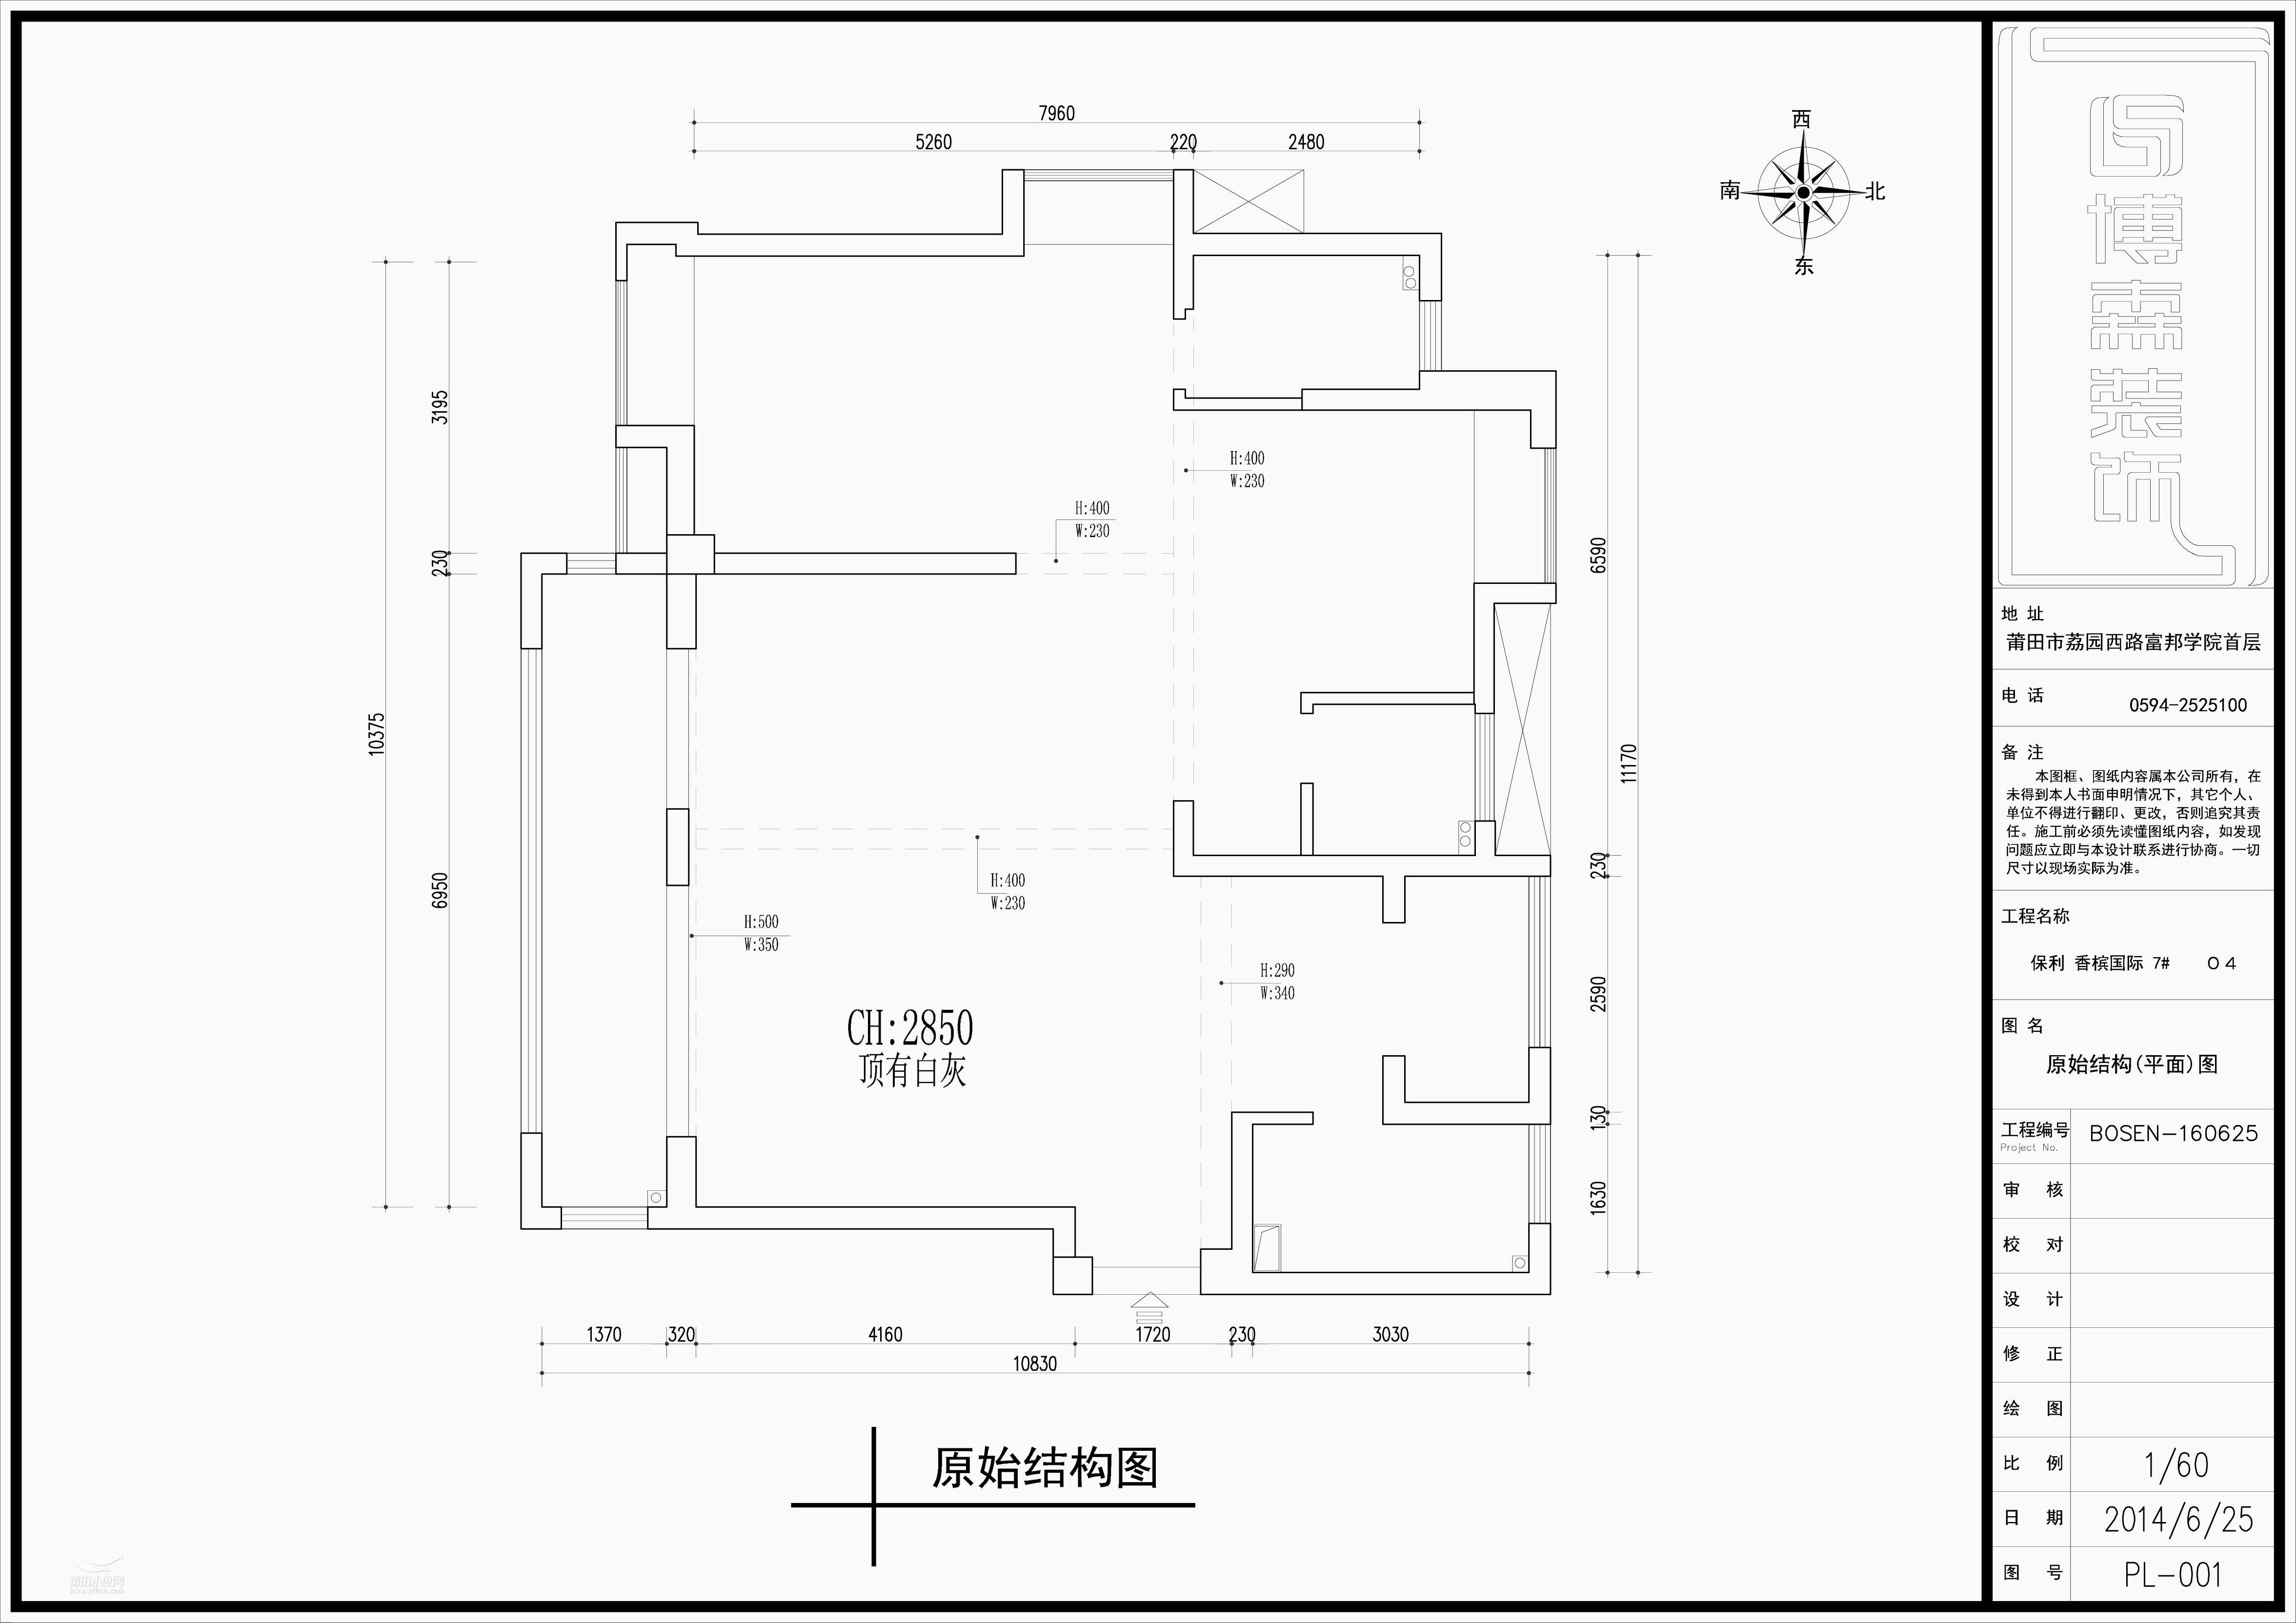 保利 7# 1704 朱总 施工图-Model.jpg